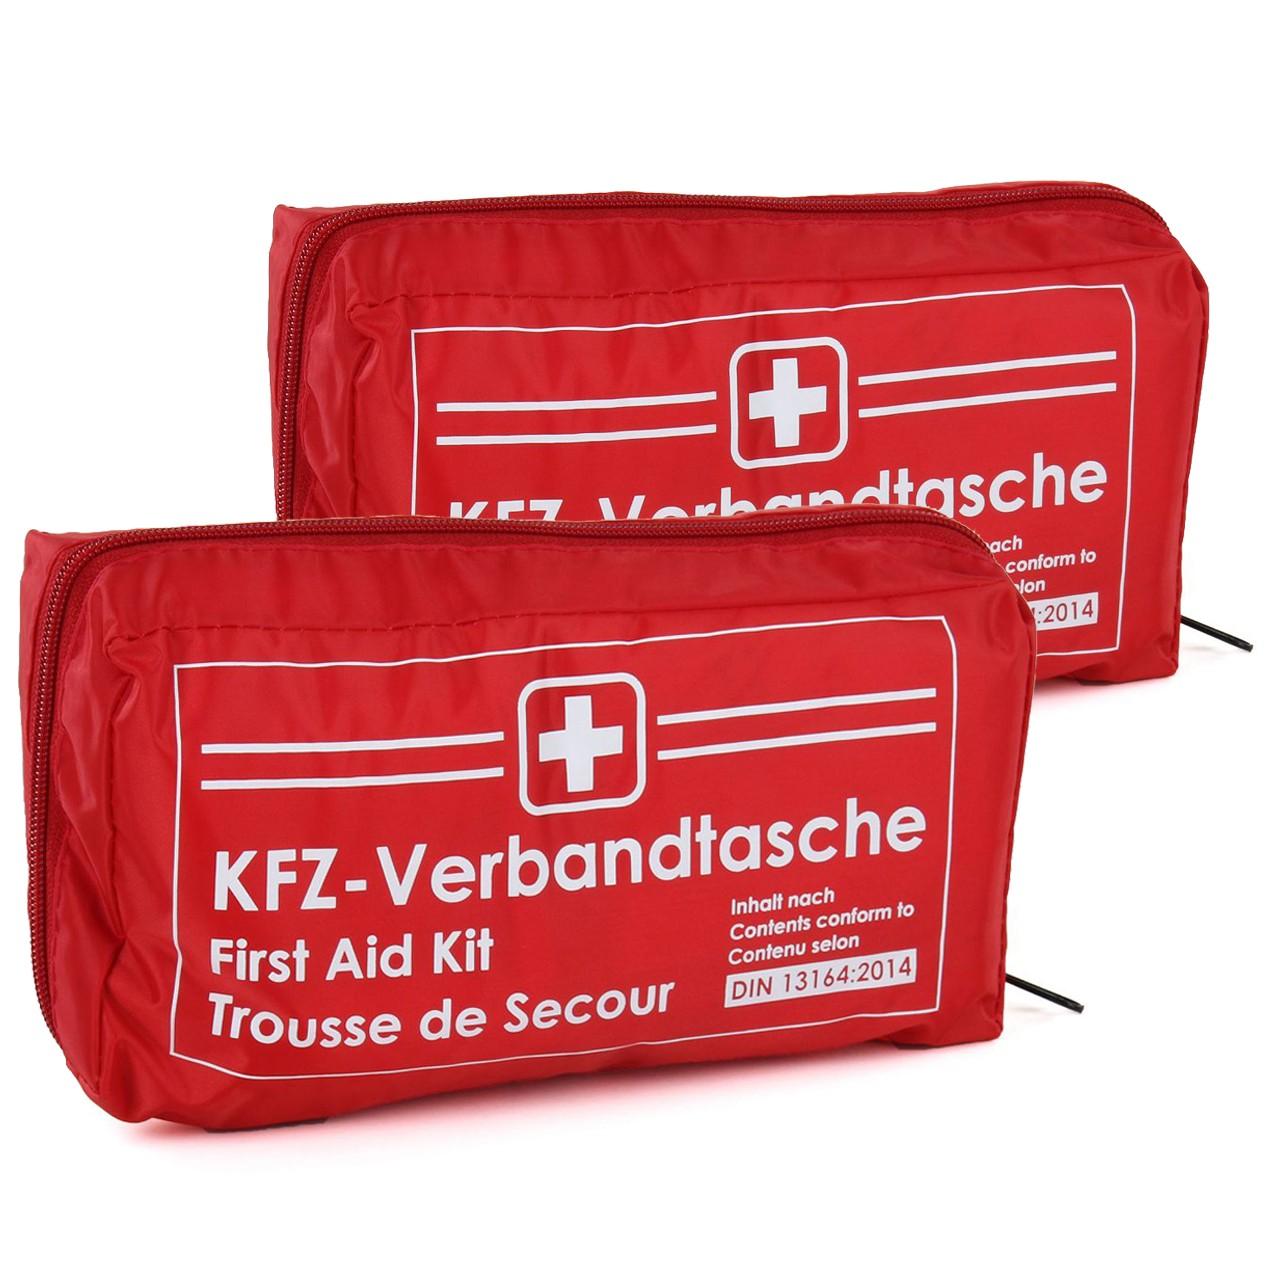 2x KFZ Auto Verbandkasten Verbandskasten ROT Erste Hilfe DIN 13164 MHD 06.2025